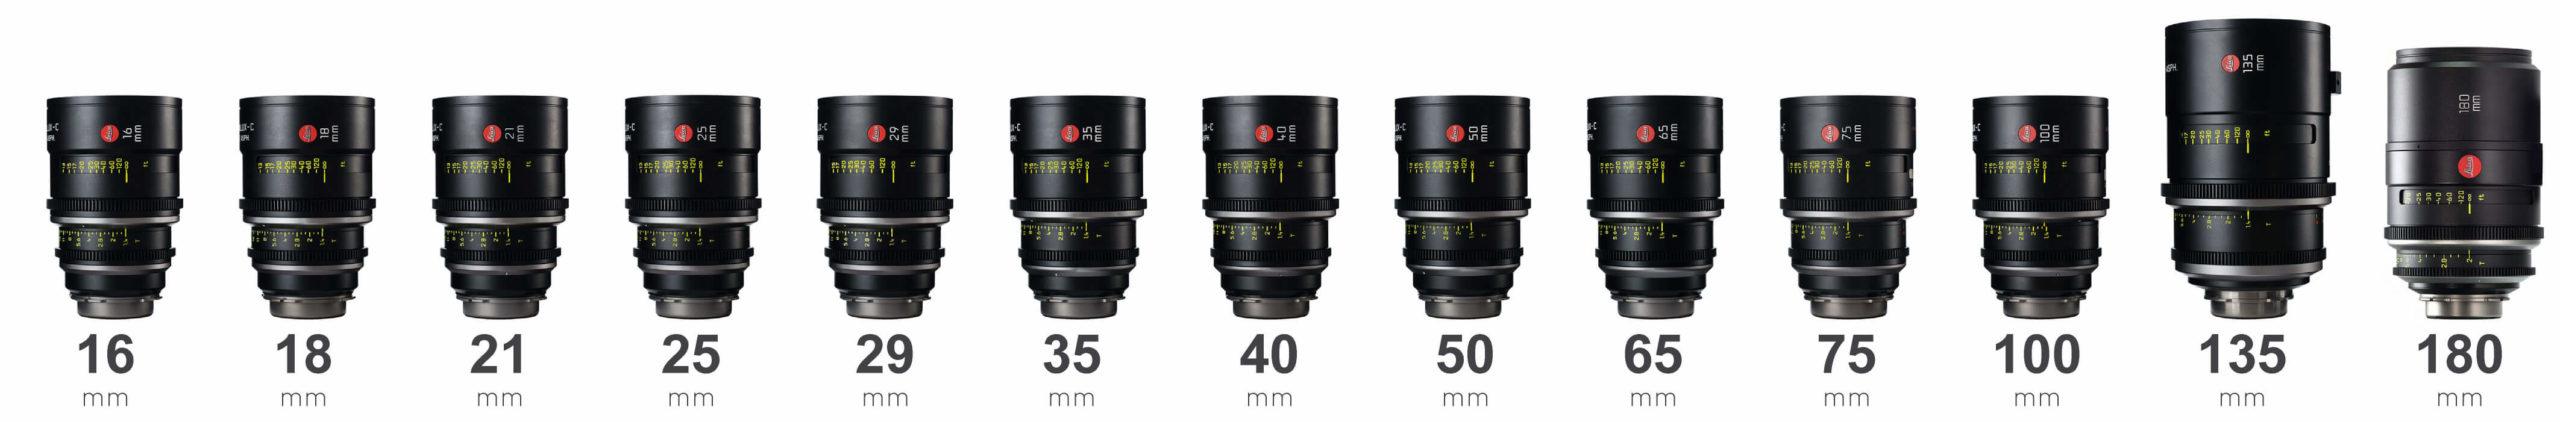 Leica Leitz Summilux-C lenses